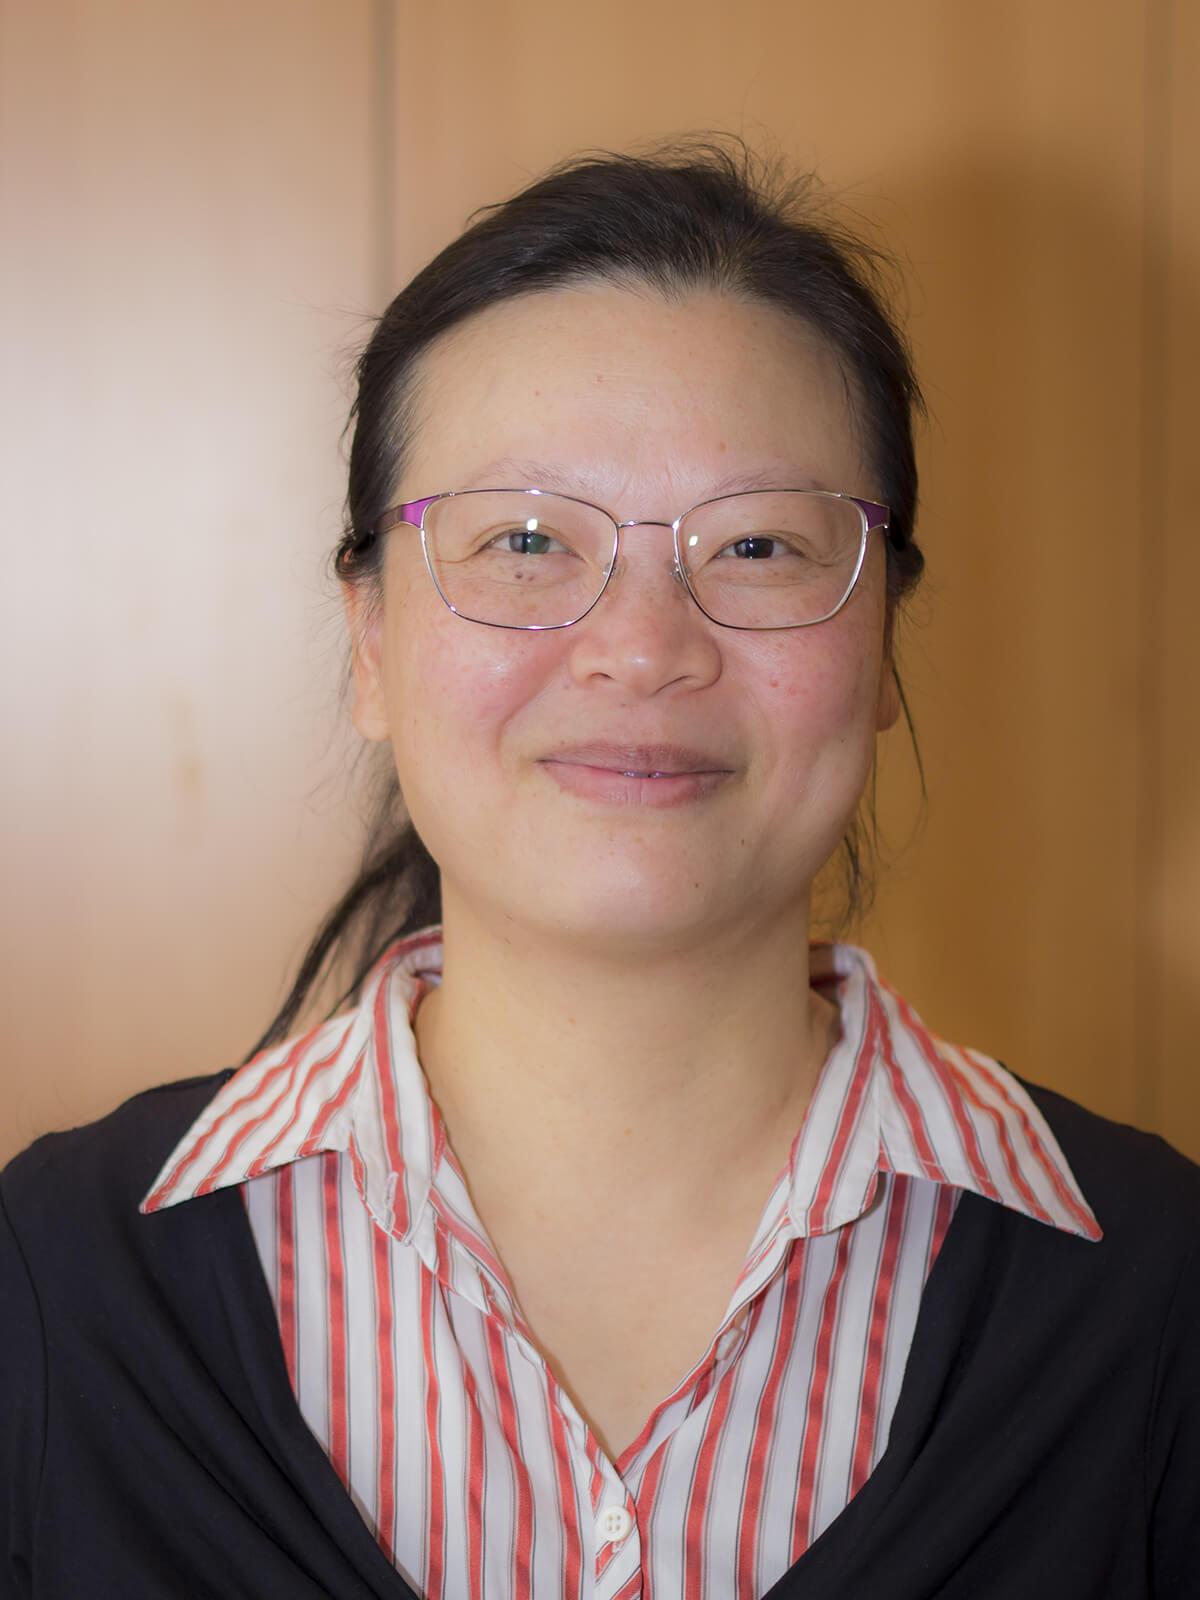 ALiang